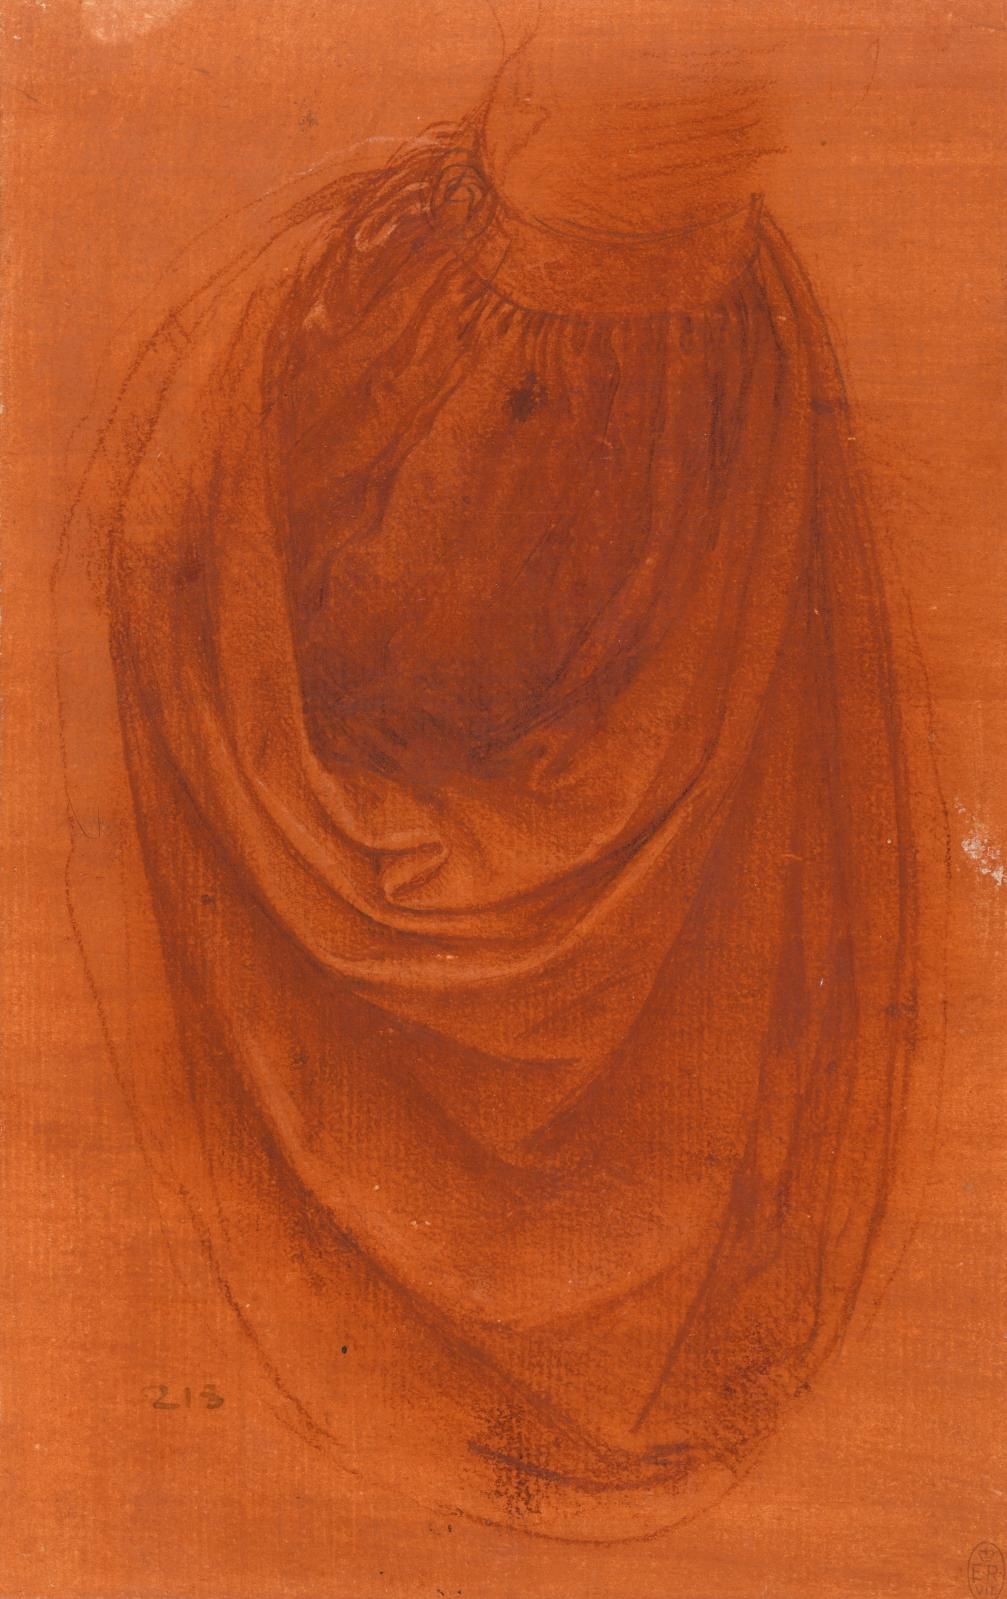 Drapé d'une manche, vers 1504-1508, sanguine, pierre noire et craie blanche sur papier préparé, 22x13,9cm (détail).